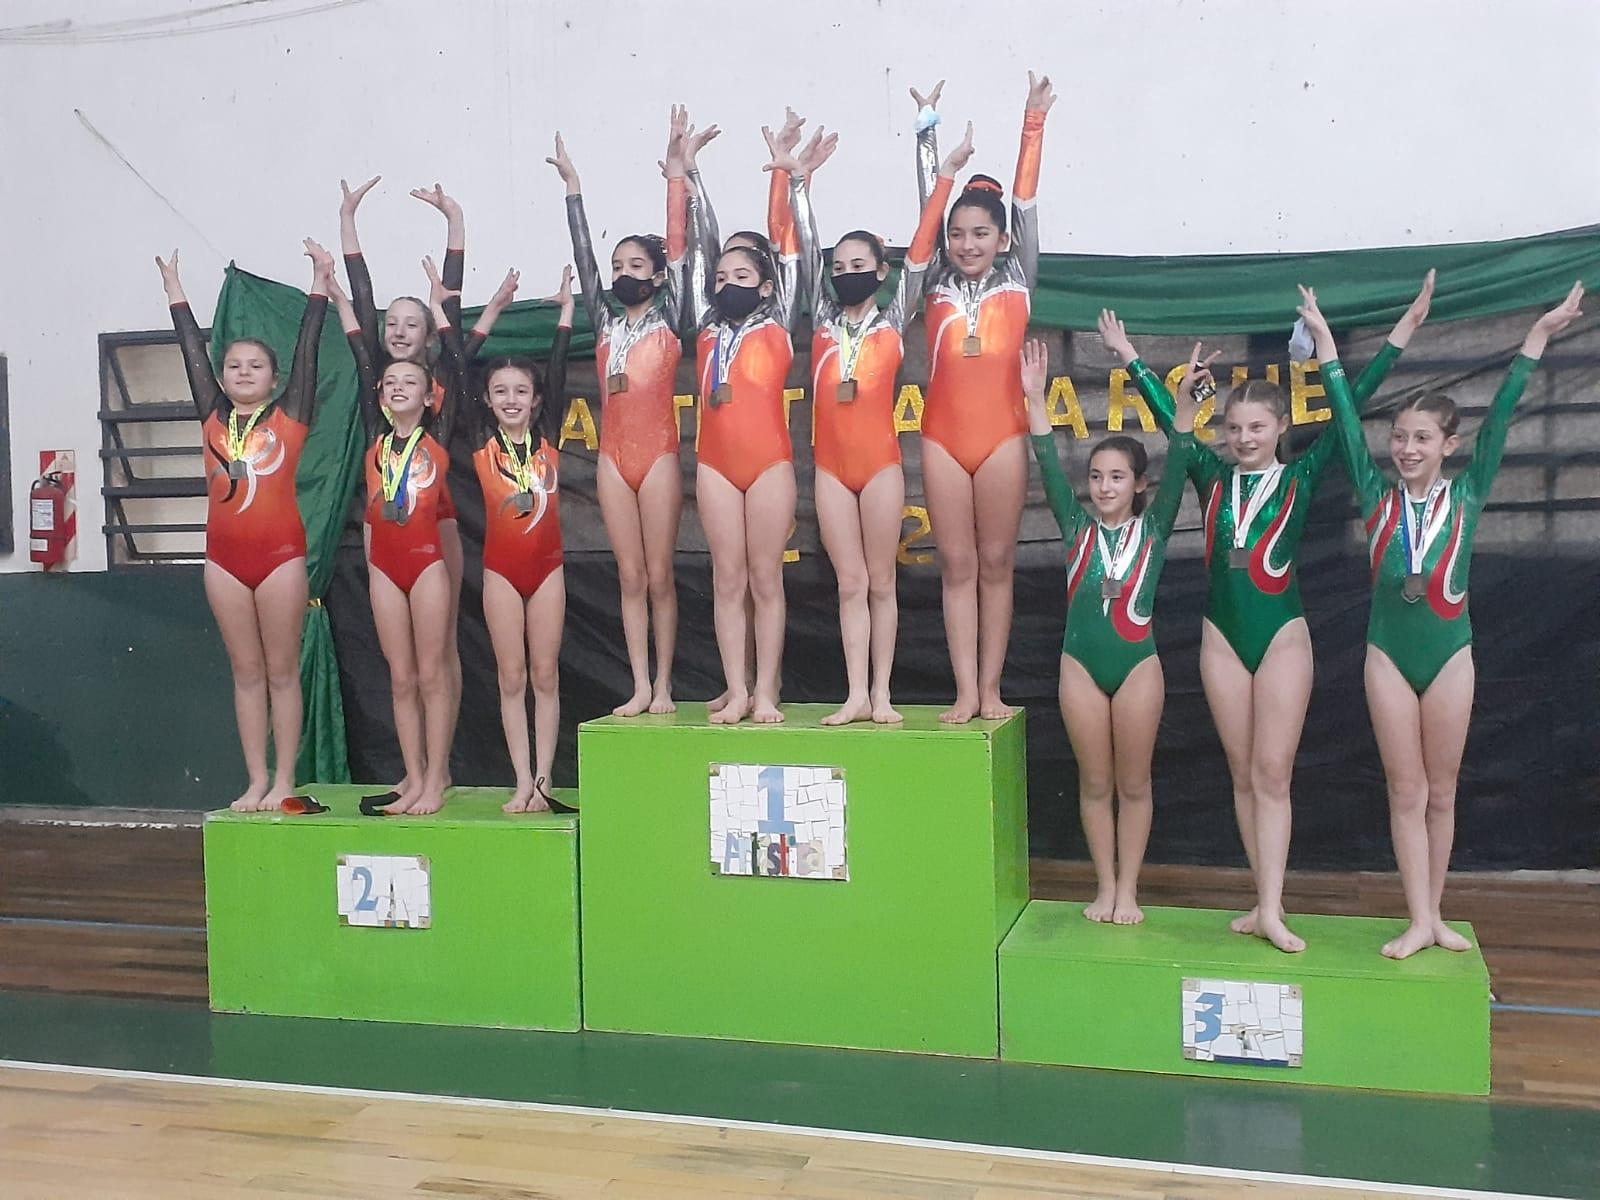 Las carlotenses Geraldine Massari, Malena Staub y Noelia Reynaudo se consagraron campeonas provinciales.